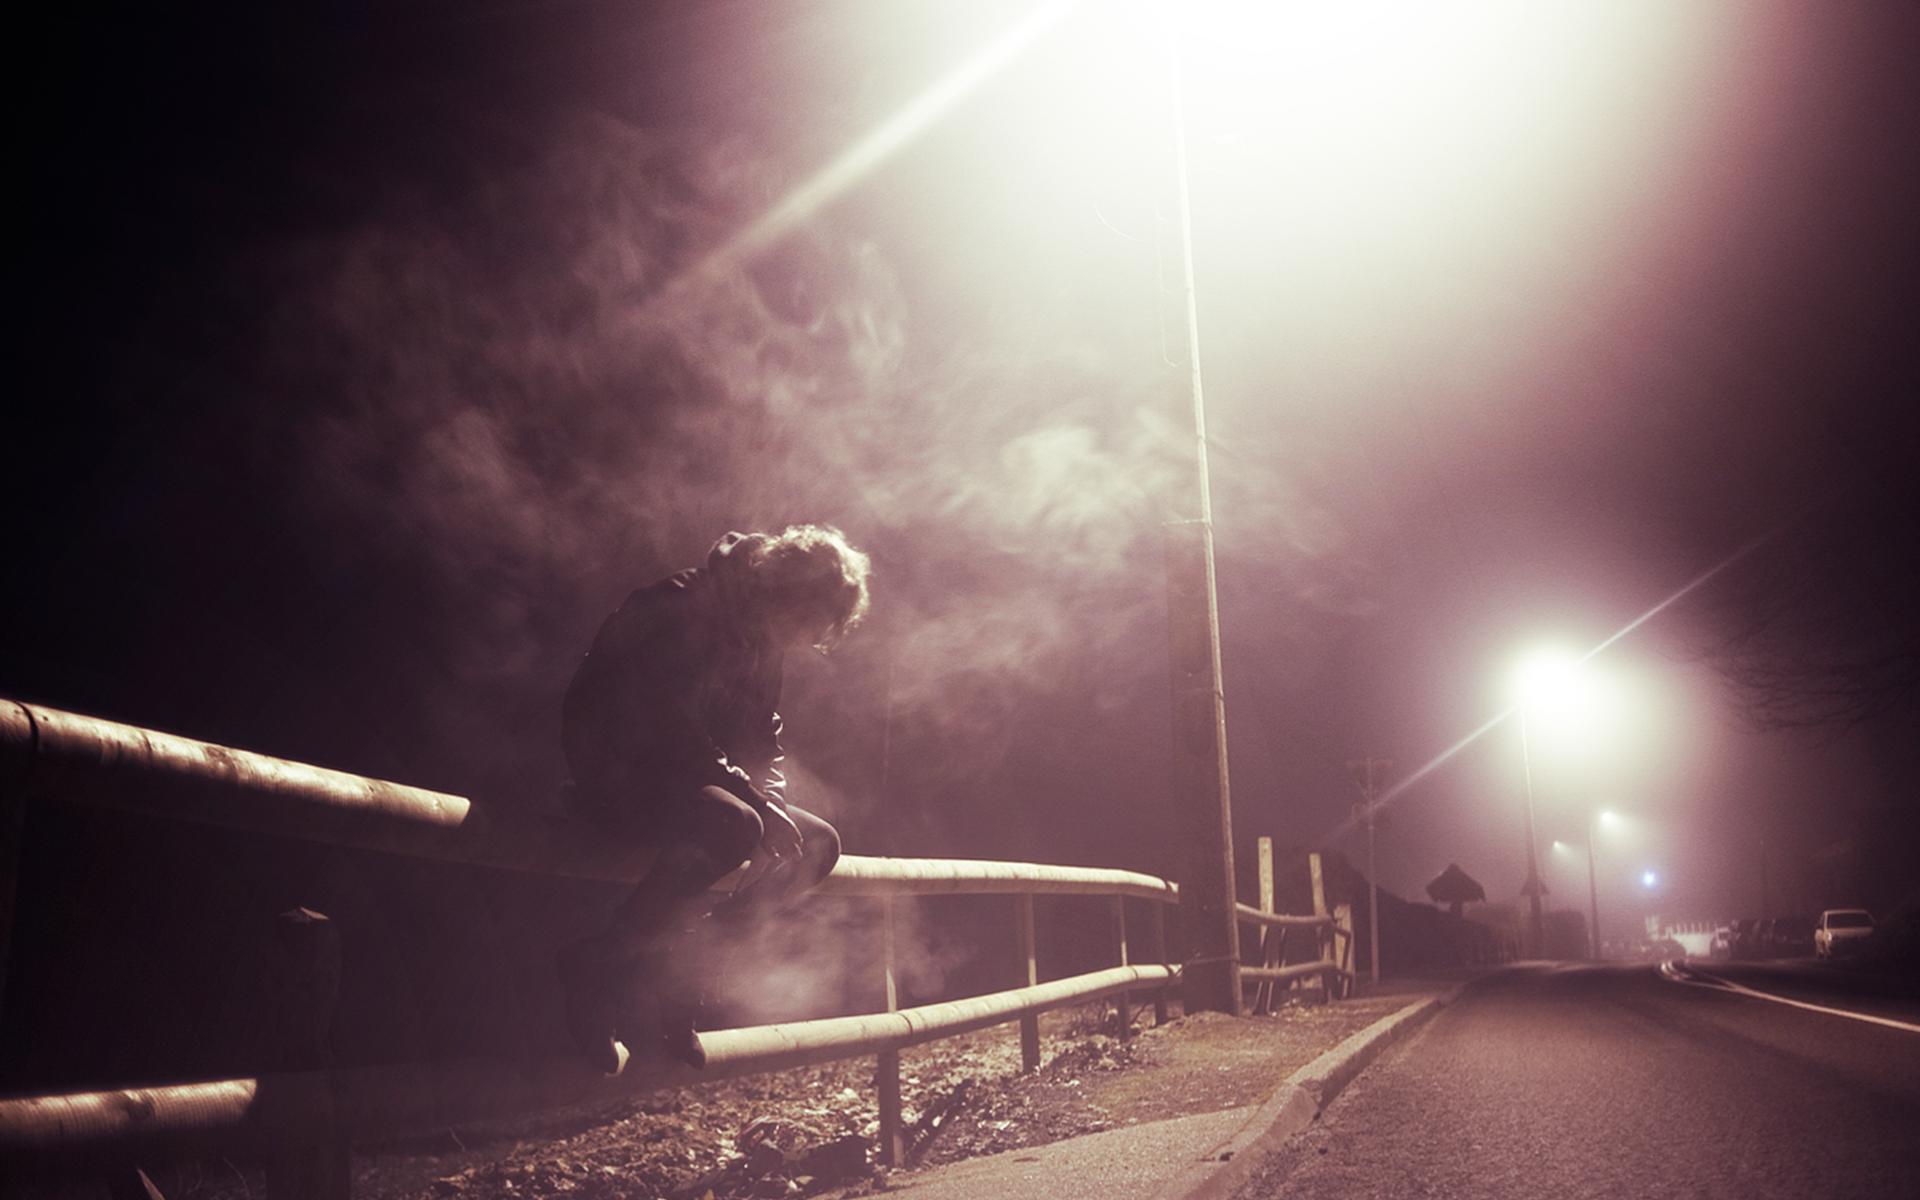 Wallpaper Sad Men Smoking Road Night 1920x1200 Lapse